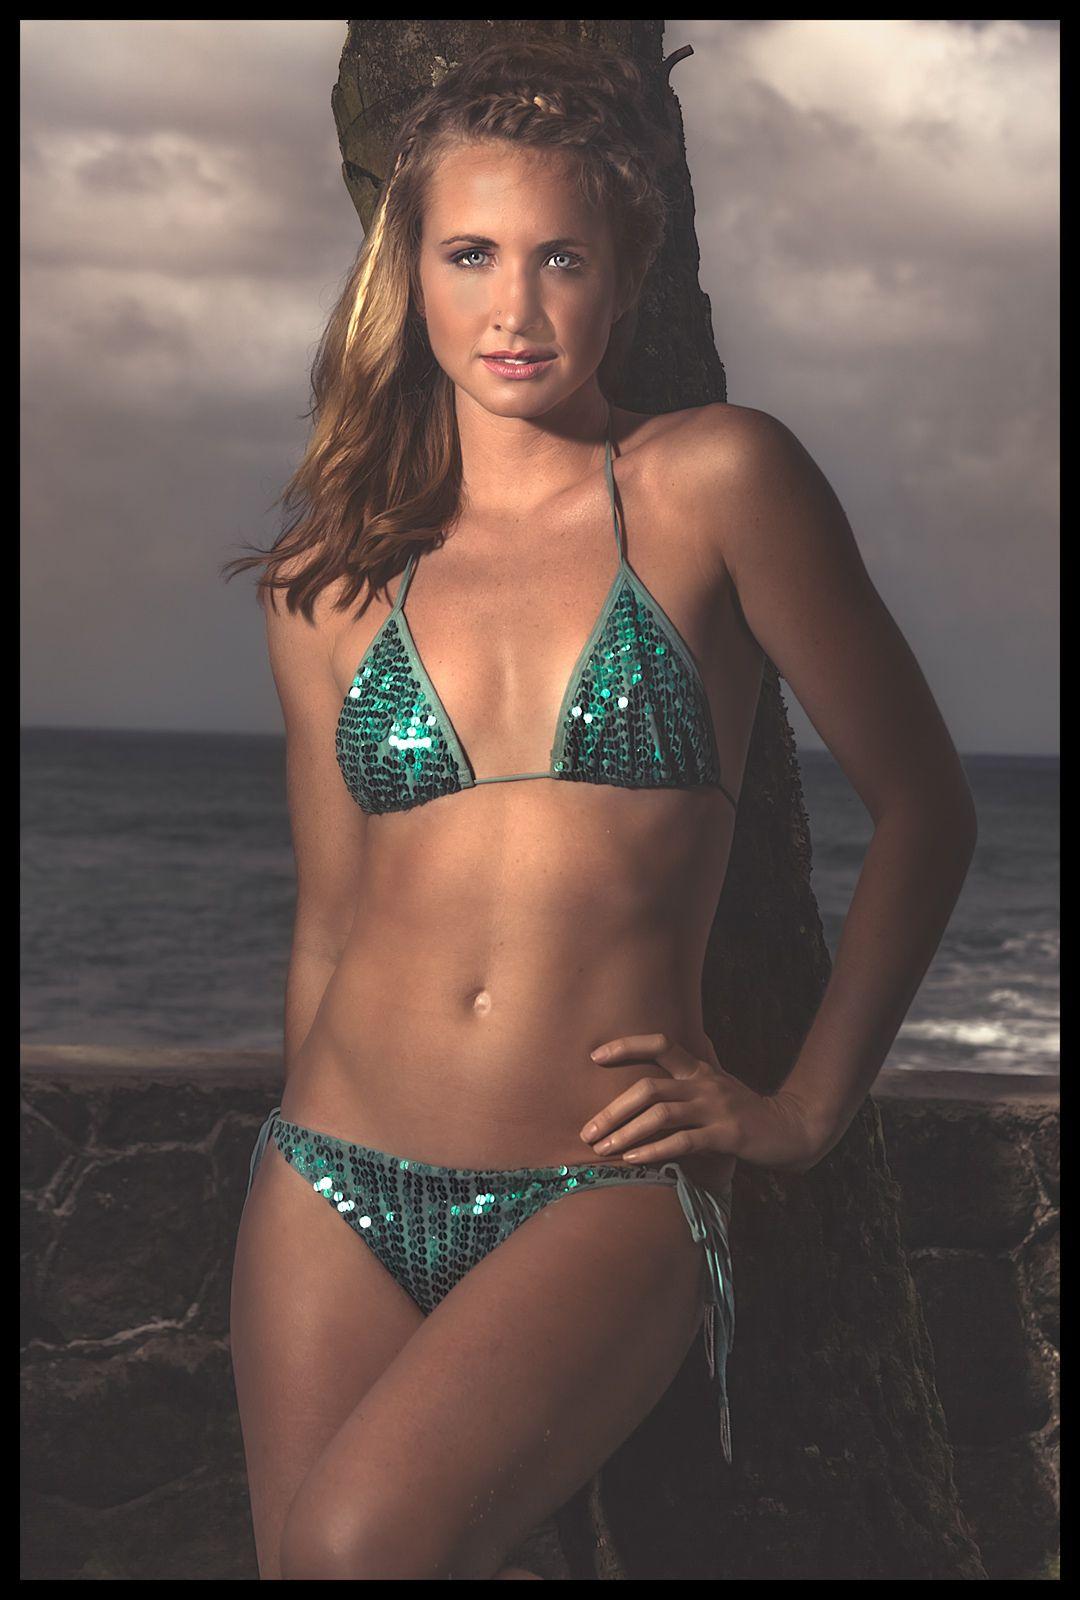 1swimsuit_model_2